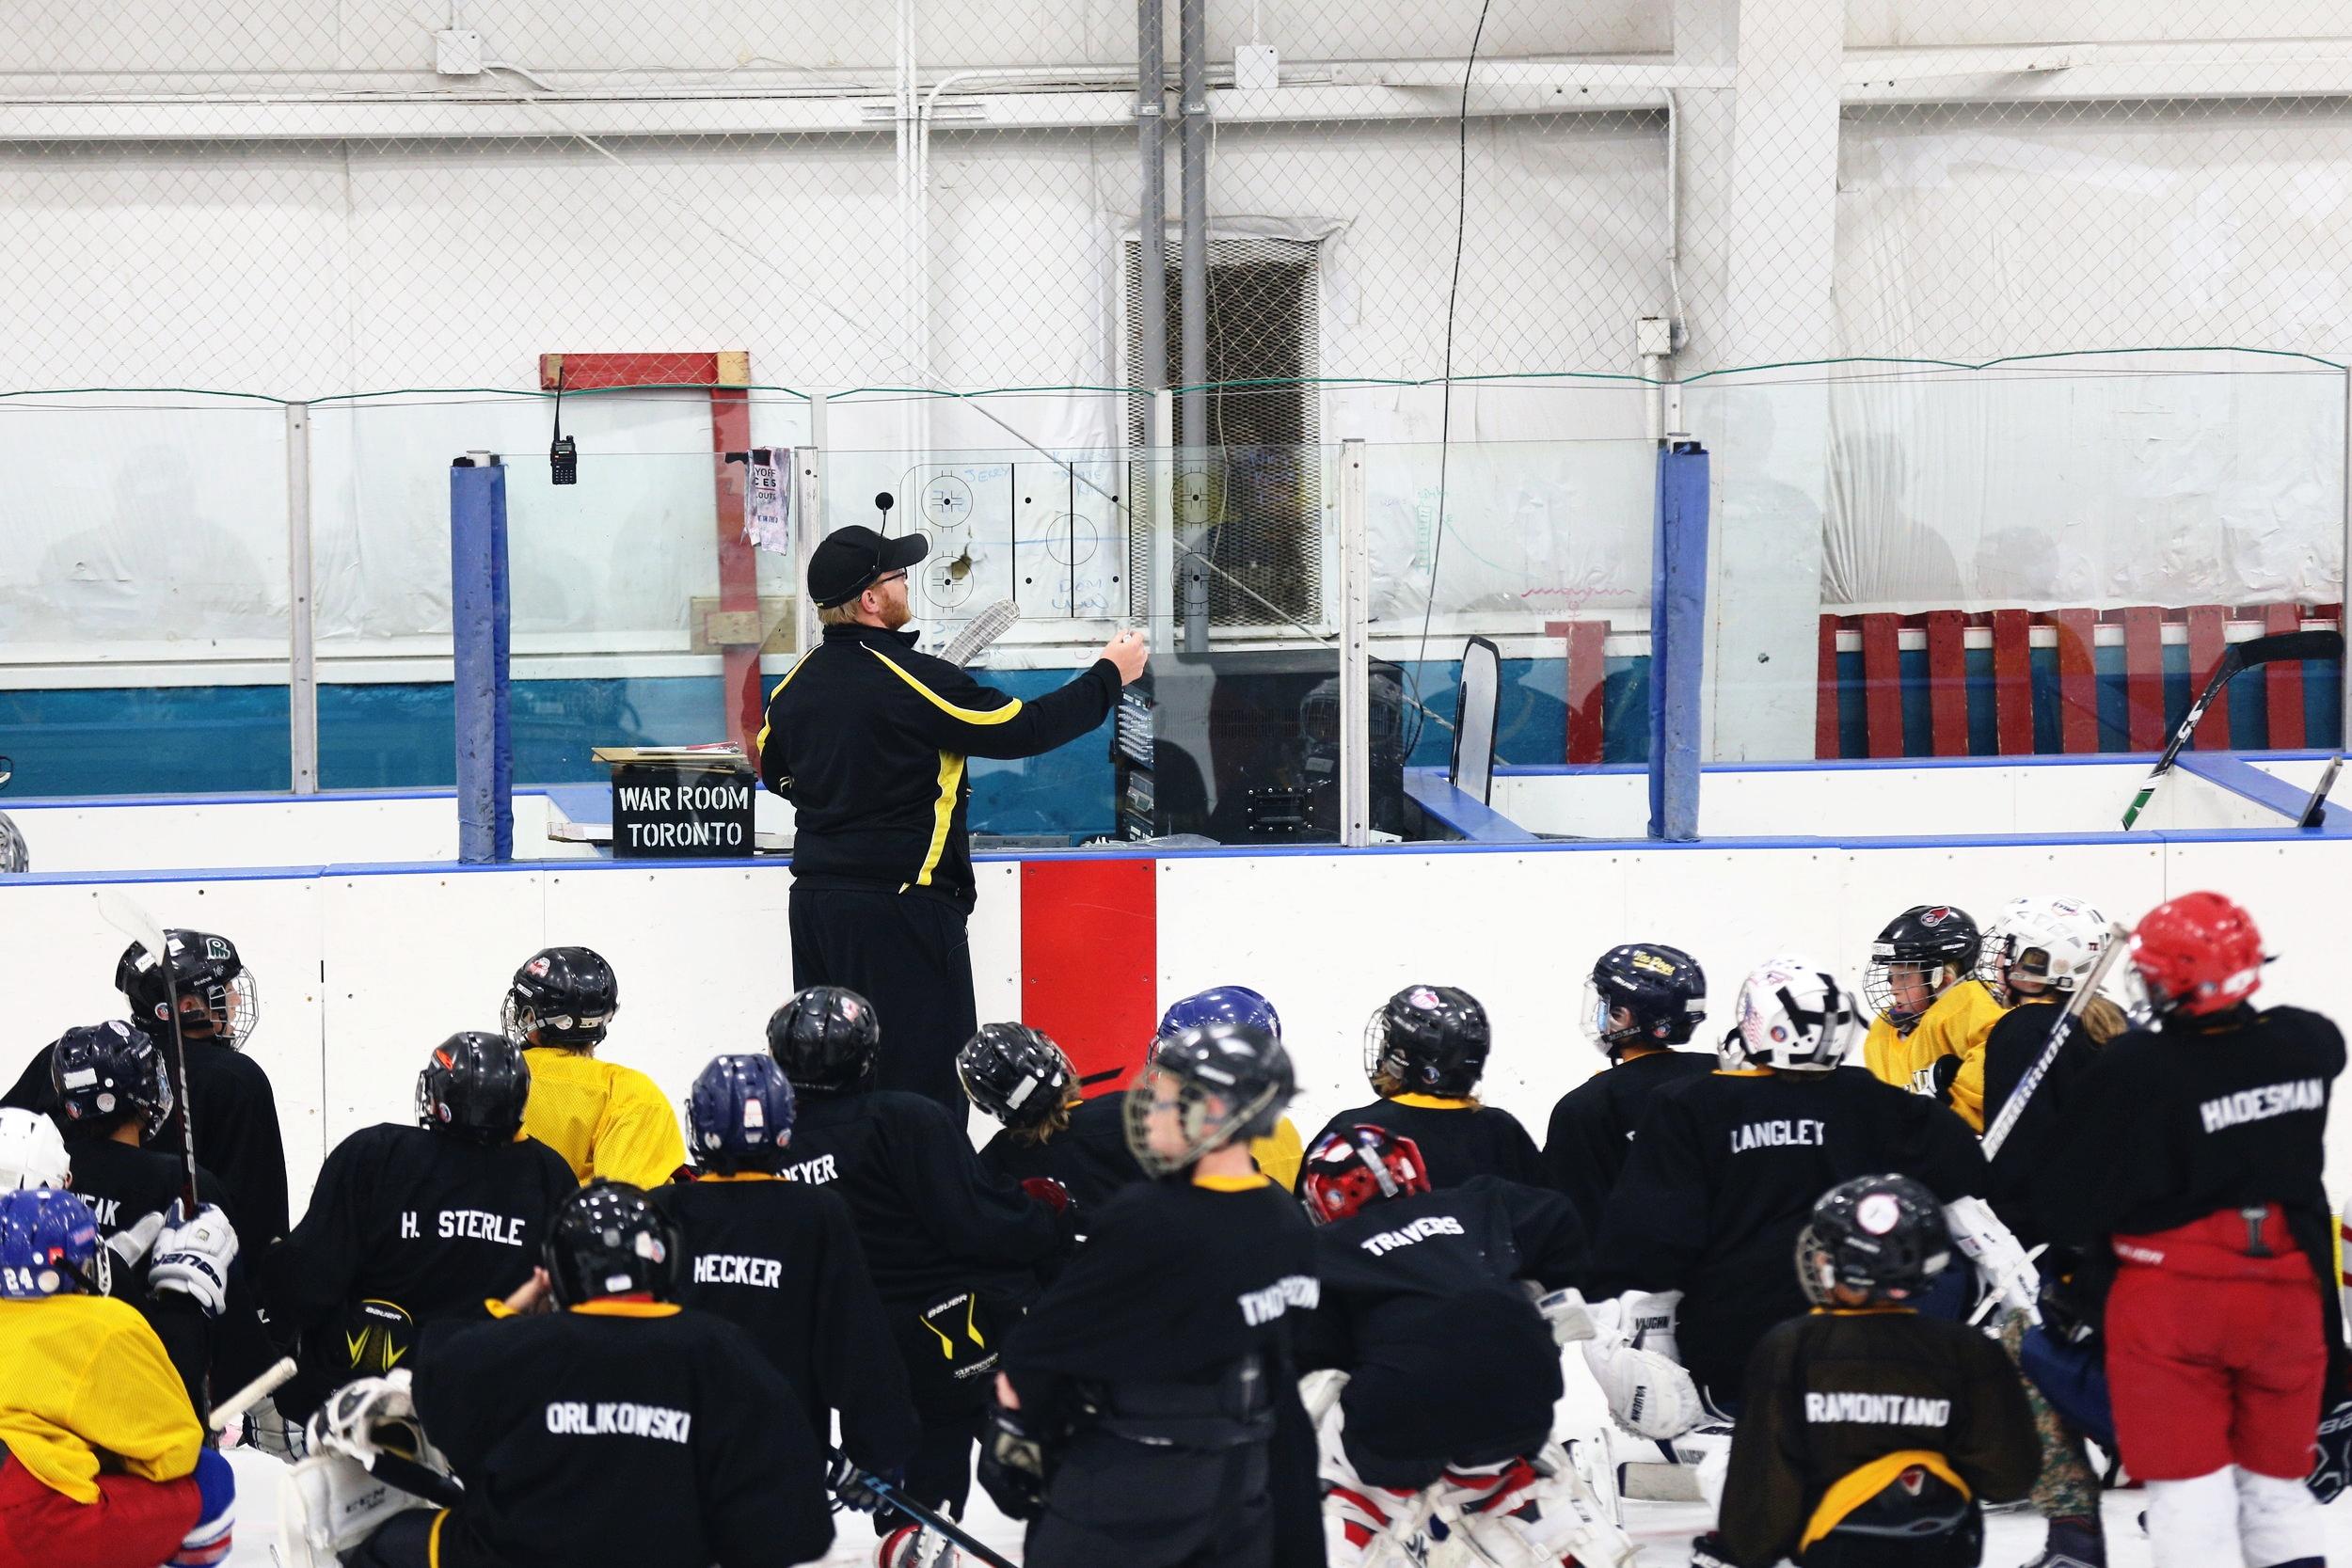 Bantam-Hockey-Camps.JPG